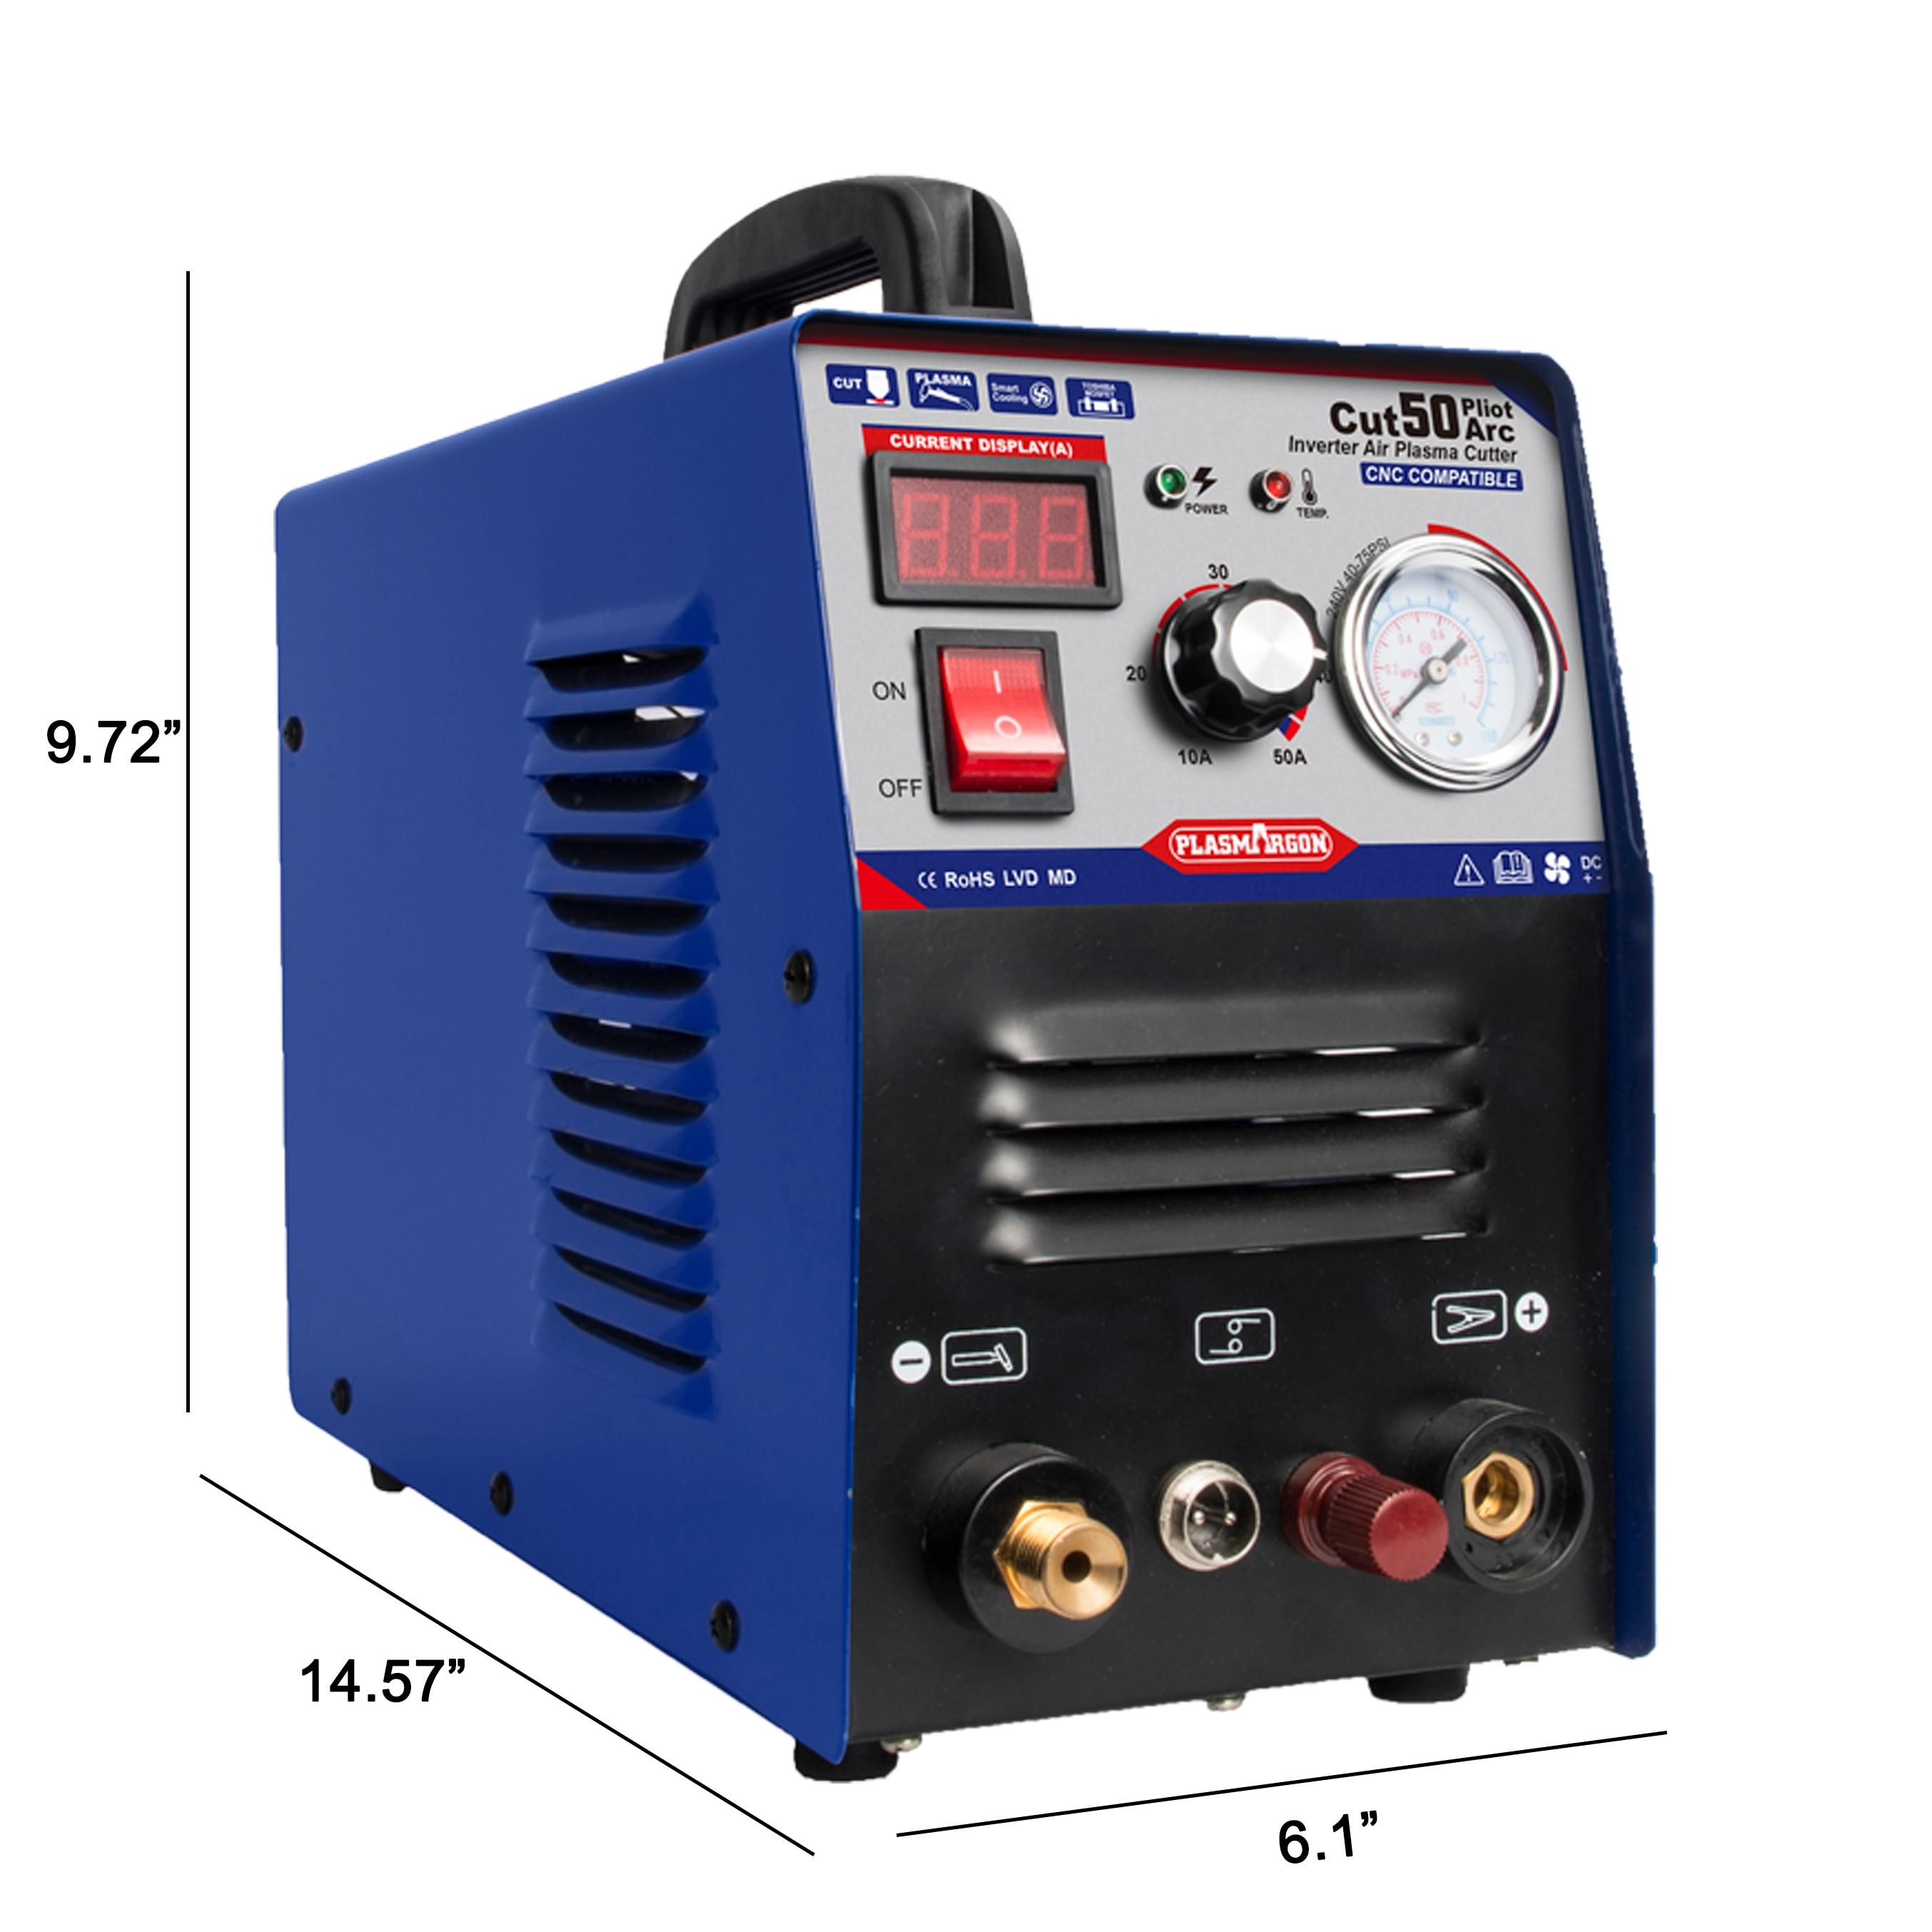 CUT 50 Compatible Plasma cutter & accessoires 10mm 50A Plasma Cutter Pilot Arc CNC 110/220v